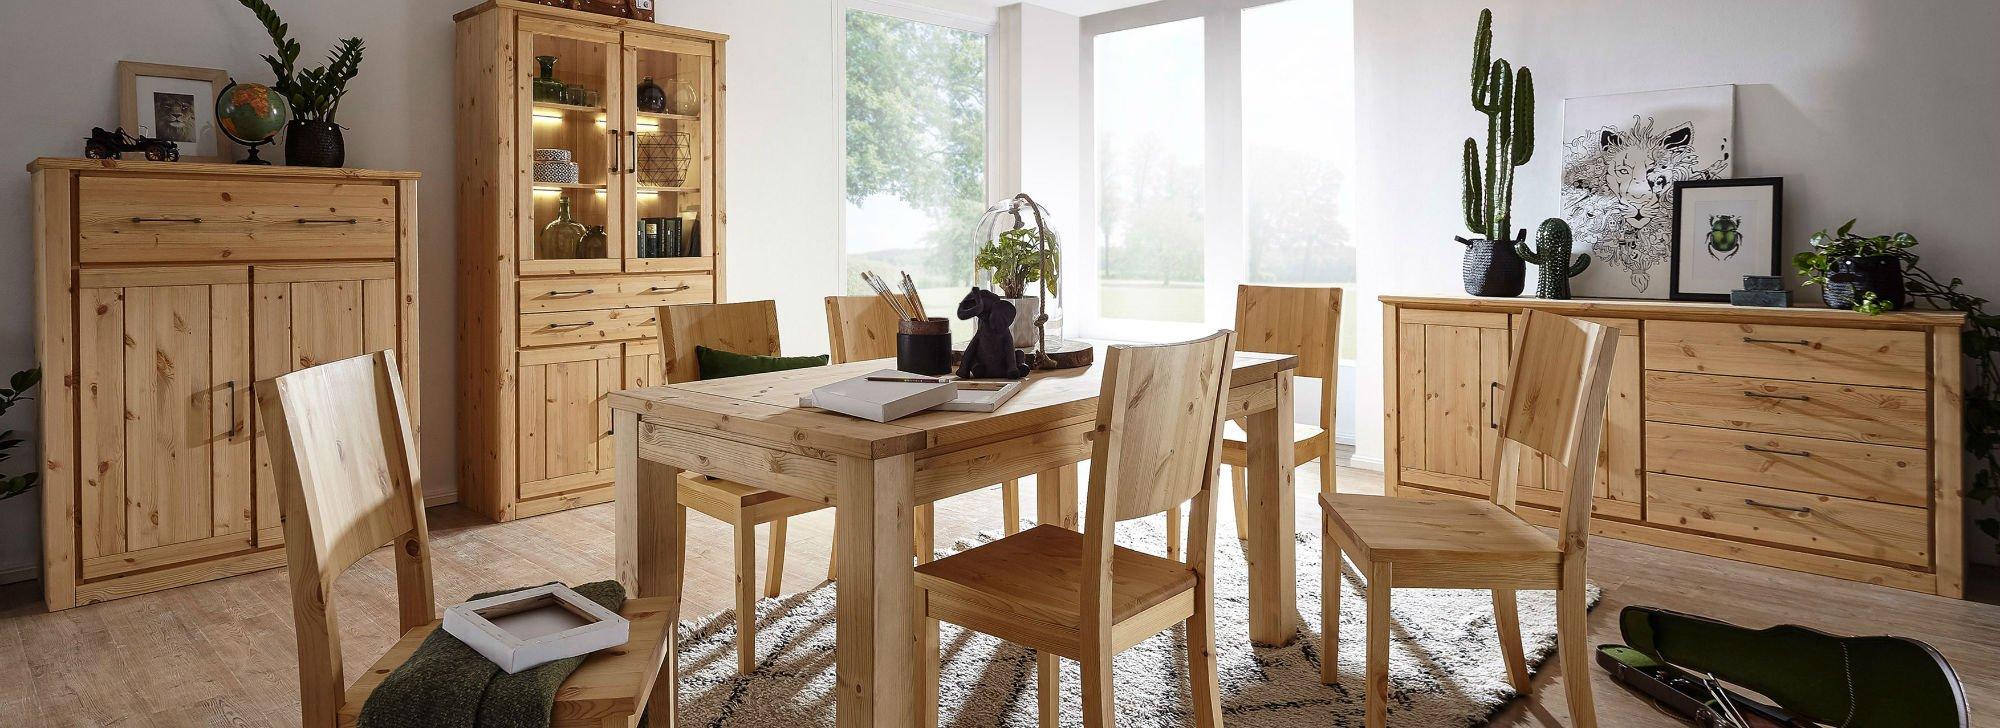 Wohnzimmer und Esszimmer Serie Molde Kiefer Massiv, Bild 2